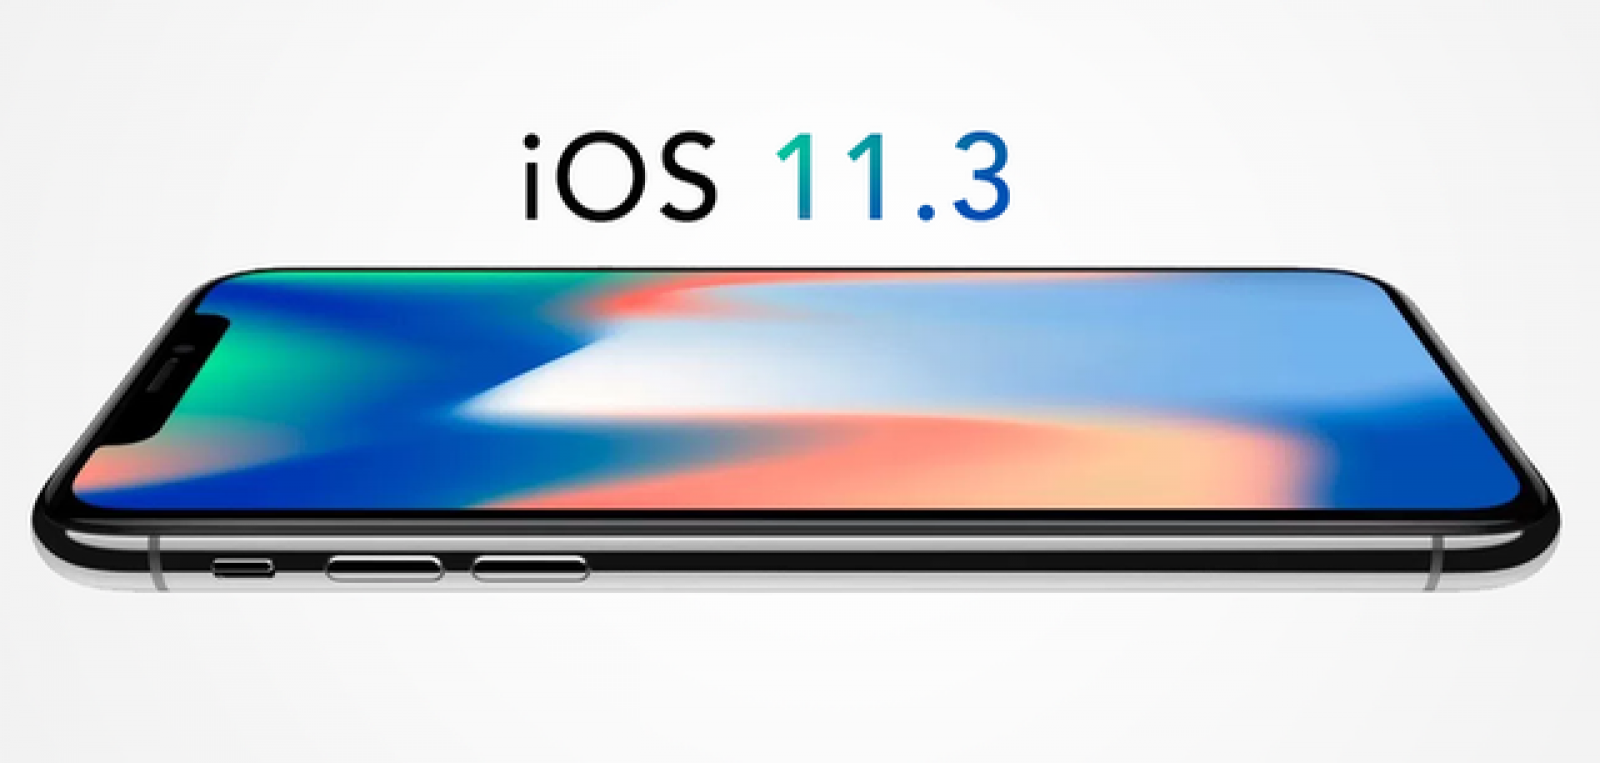 iOS 11.3.1 a fost lansat. Rezolvă o problemă foarte mare de pe unele modele iPhone